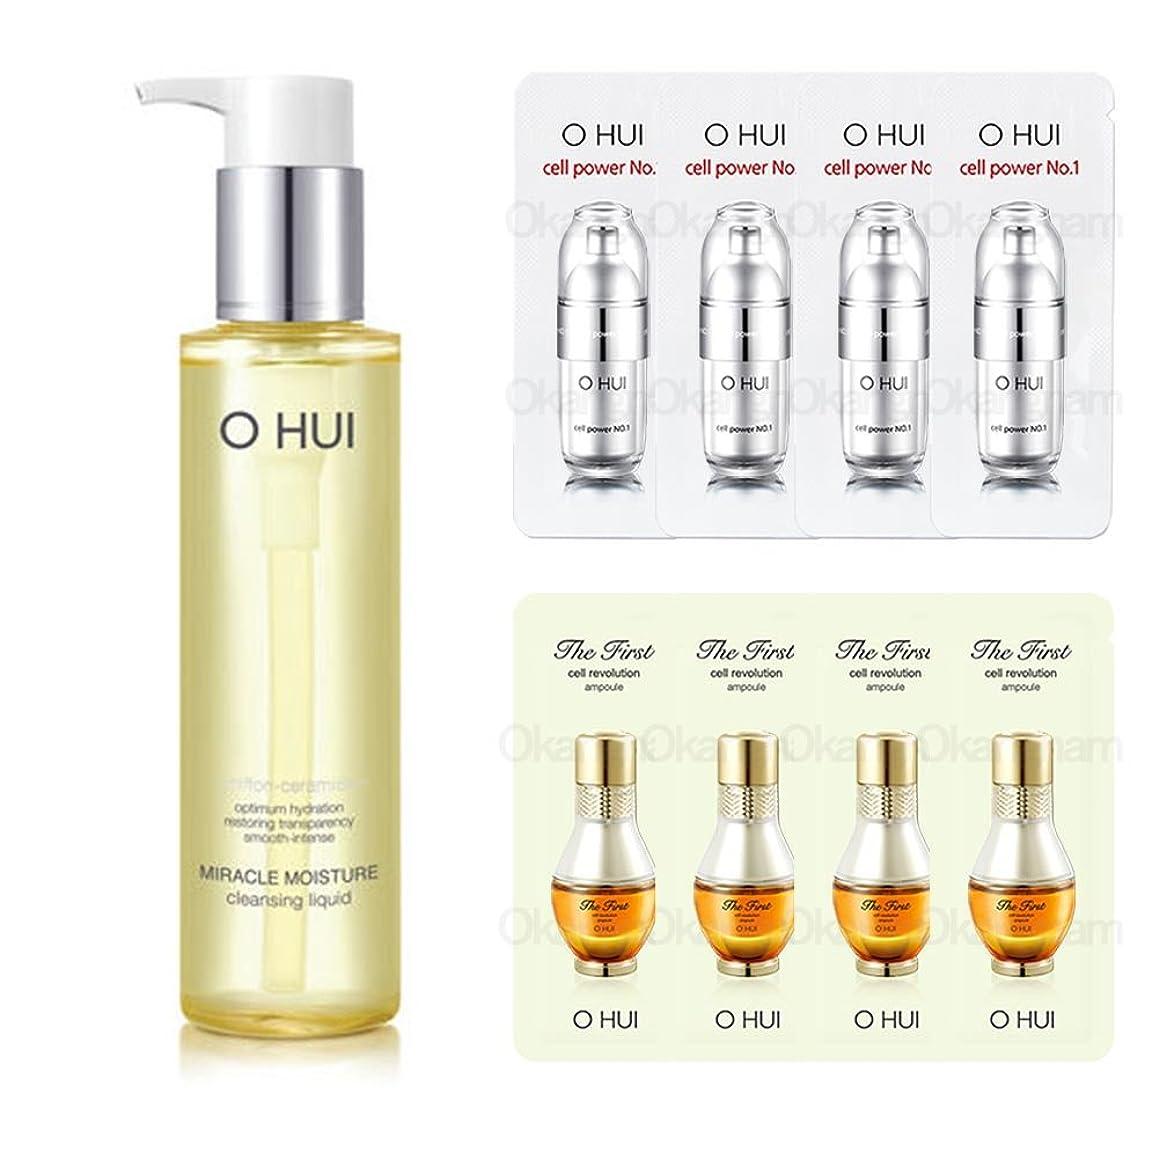 セッション是正する自分を引き上げるオフィ/ O HUI LG生活健康/OHUI Cleansing Oilミラクルモイスチャークレンジングリキッド150ml+ Sample Gift (海外直送品)